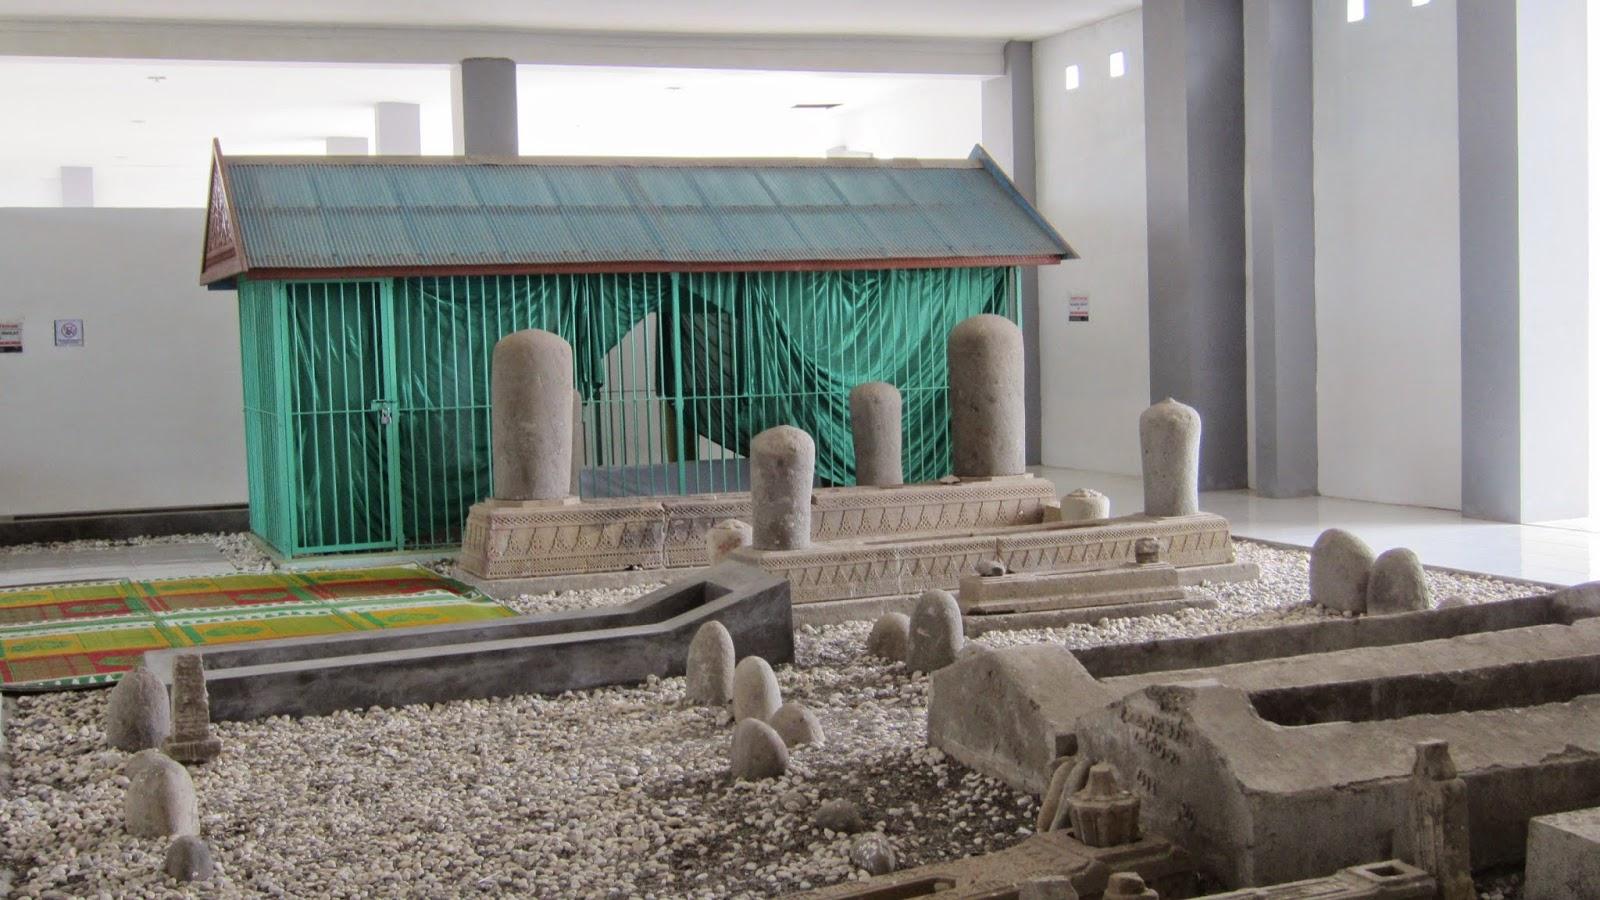 Wisata Religi Makam Syiah Kuala Banda Aceh Data Kota